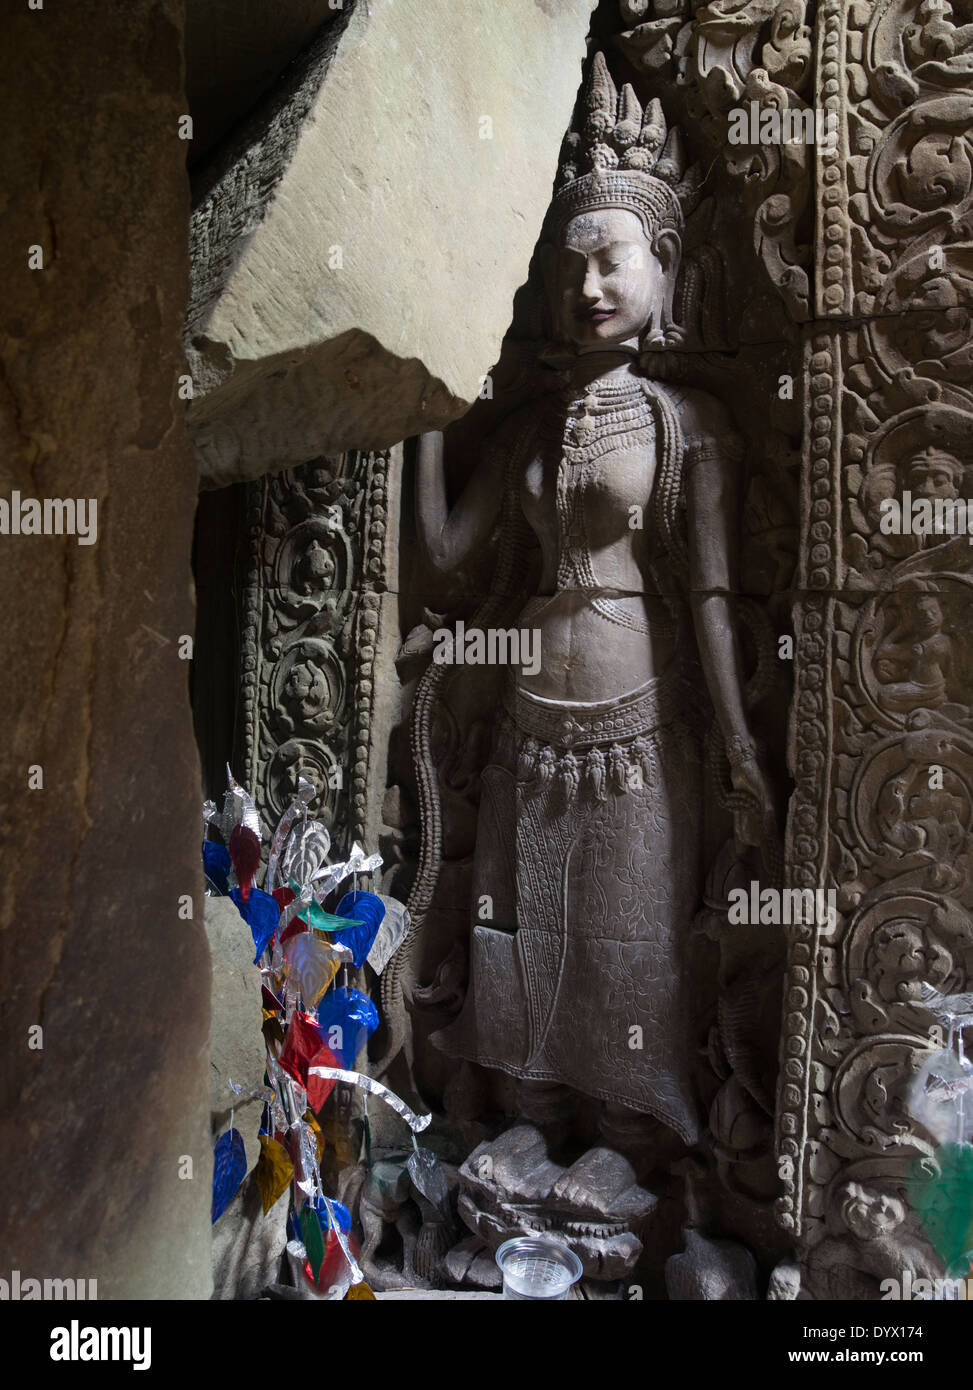 Bajorrelieve tallas de piedra arenisca de Apsara en templo de Preah Khan, Siem Reap, Camboya Imagen De Stock